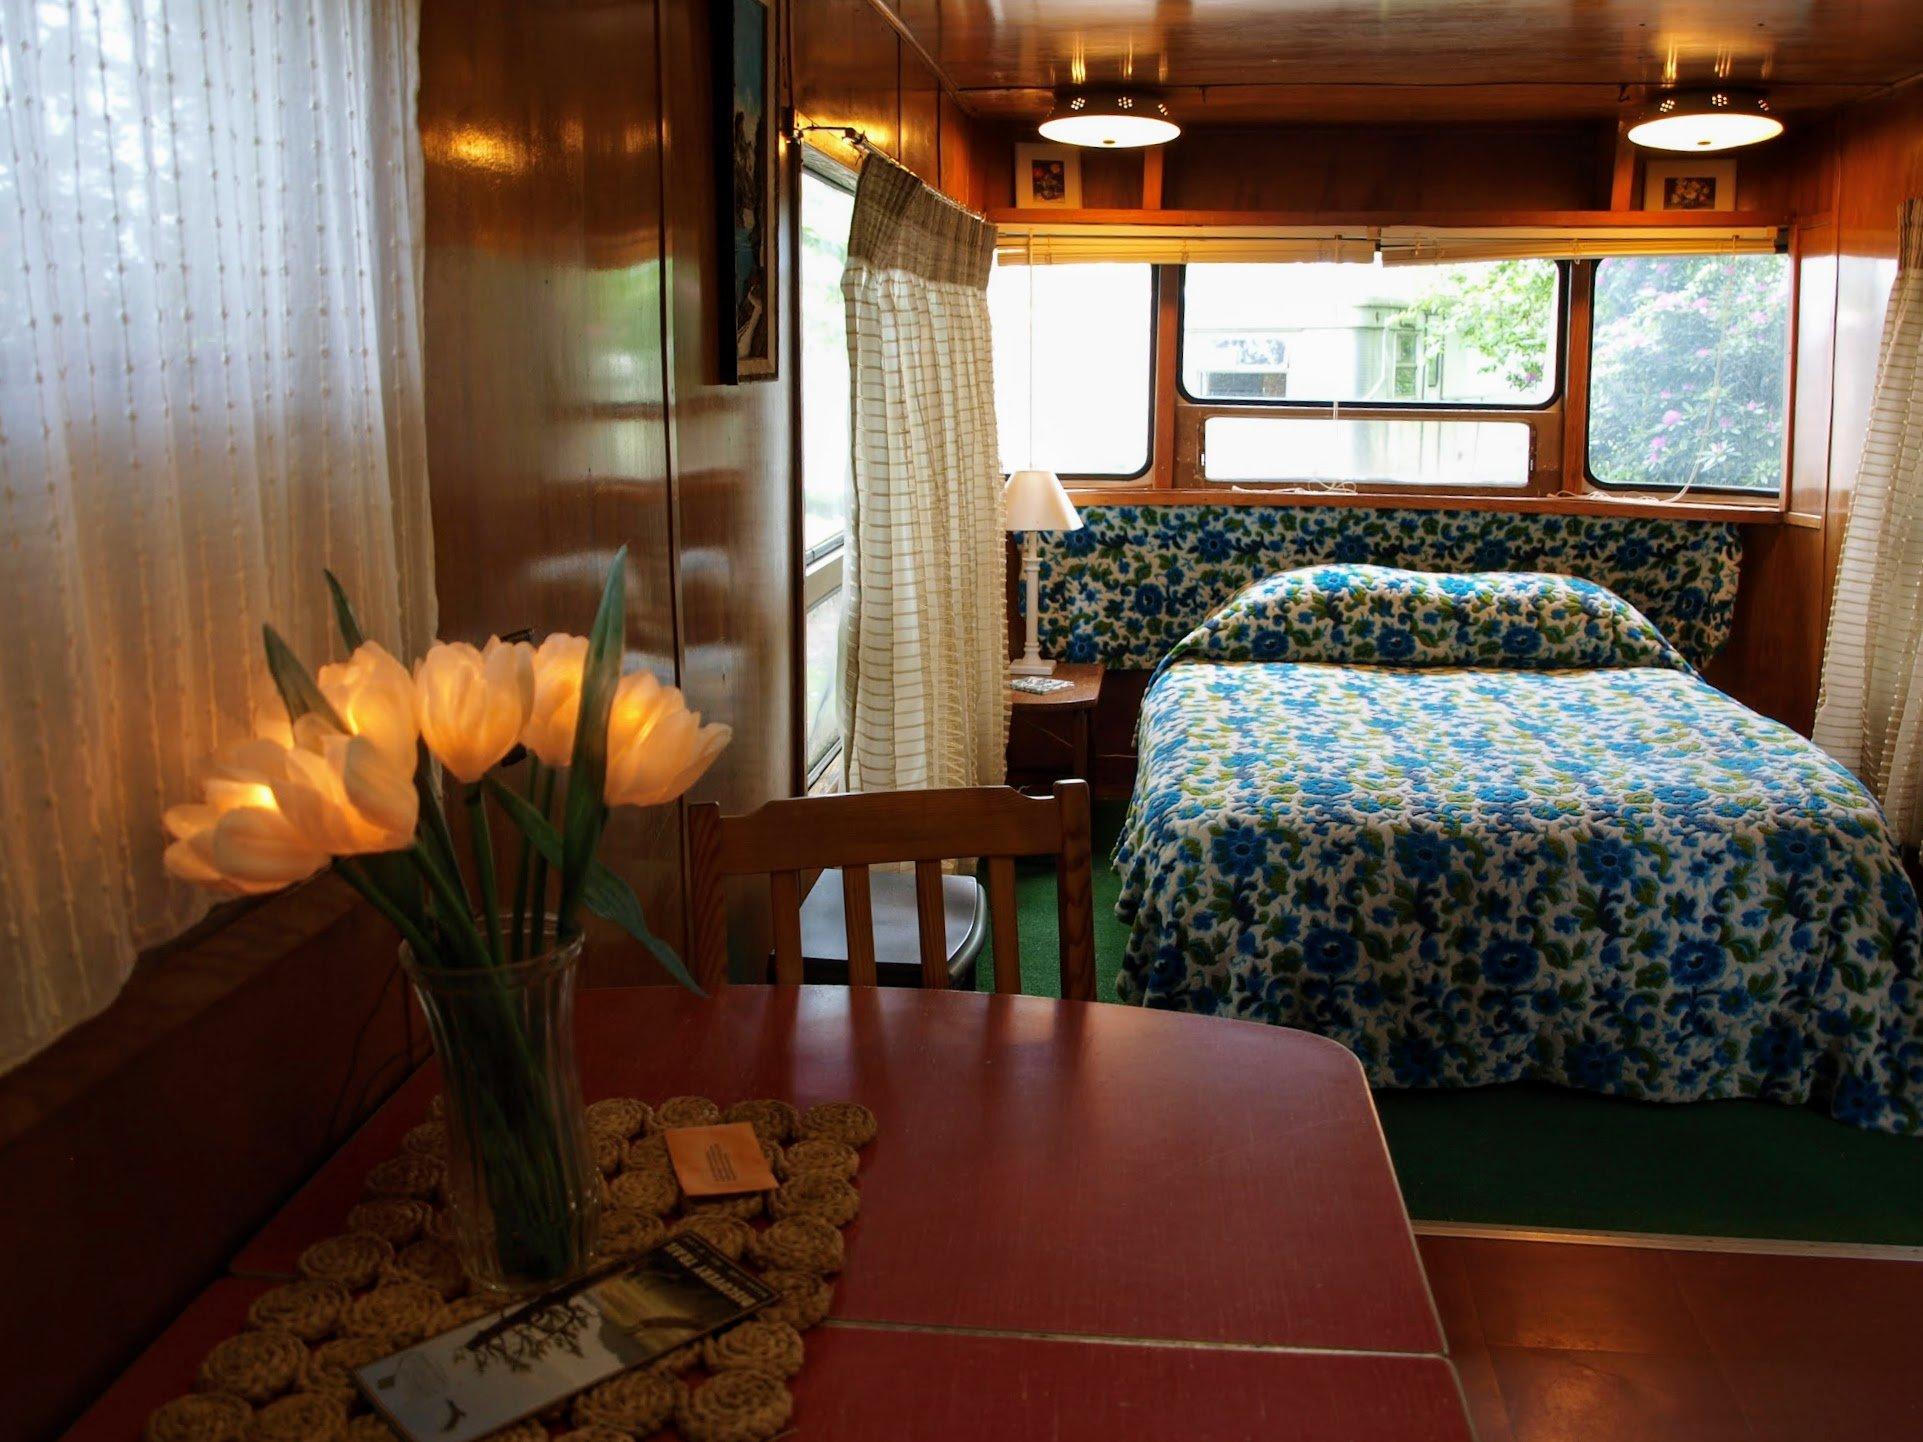 Sou'wester vintage trailer resort